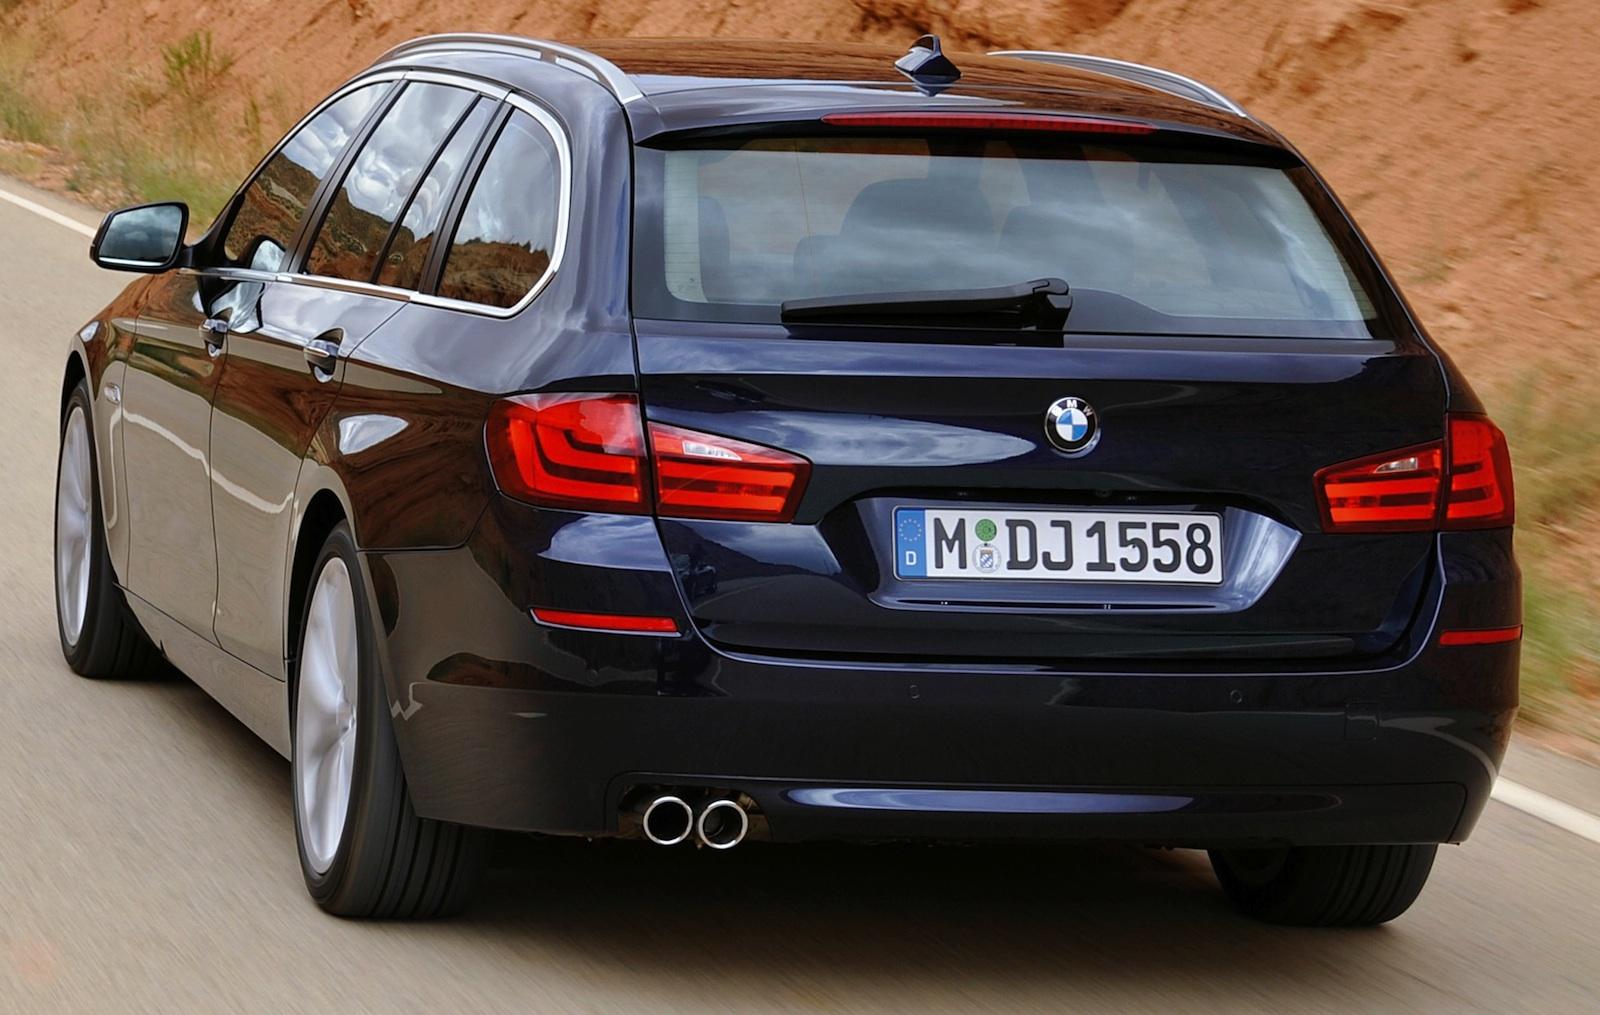 http://2.bp.blogspot.com/-s4PhO9RO4P4/UEnkSODMN3I/AAAAAAAABic/30mADAmKa6g/s1600/BMW-5-Series-Touring-wallpaper+(4).jpg